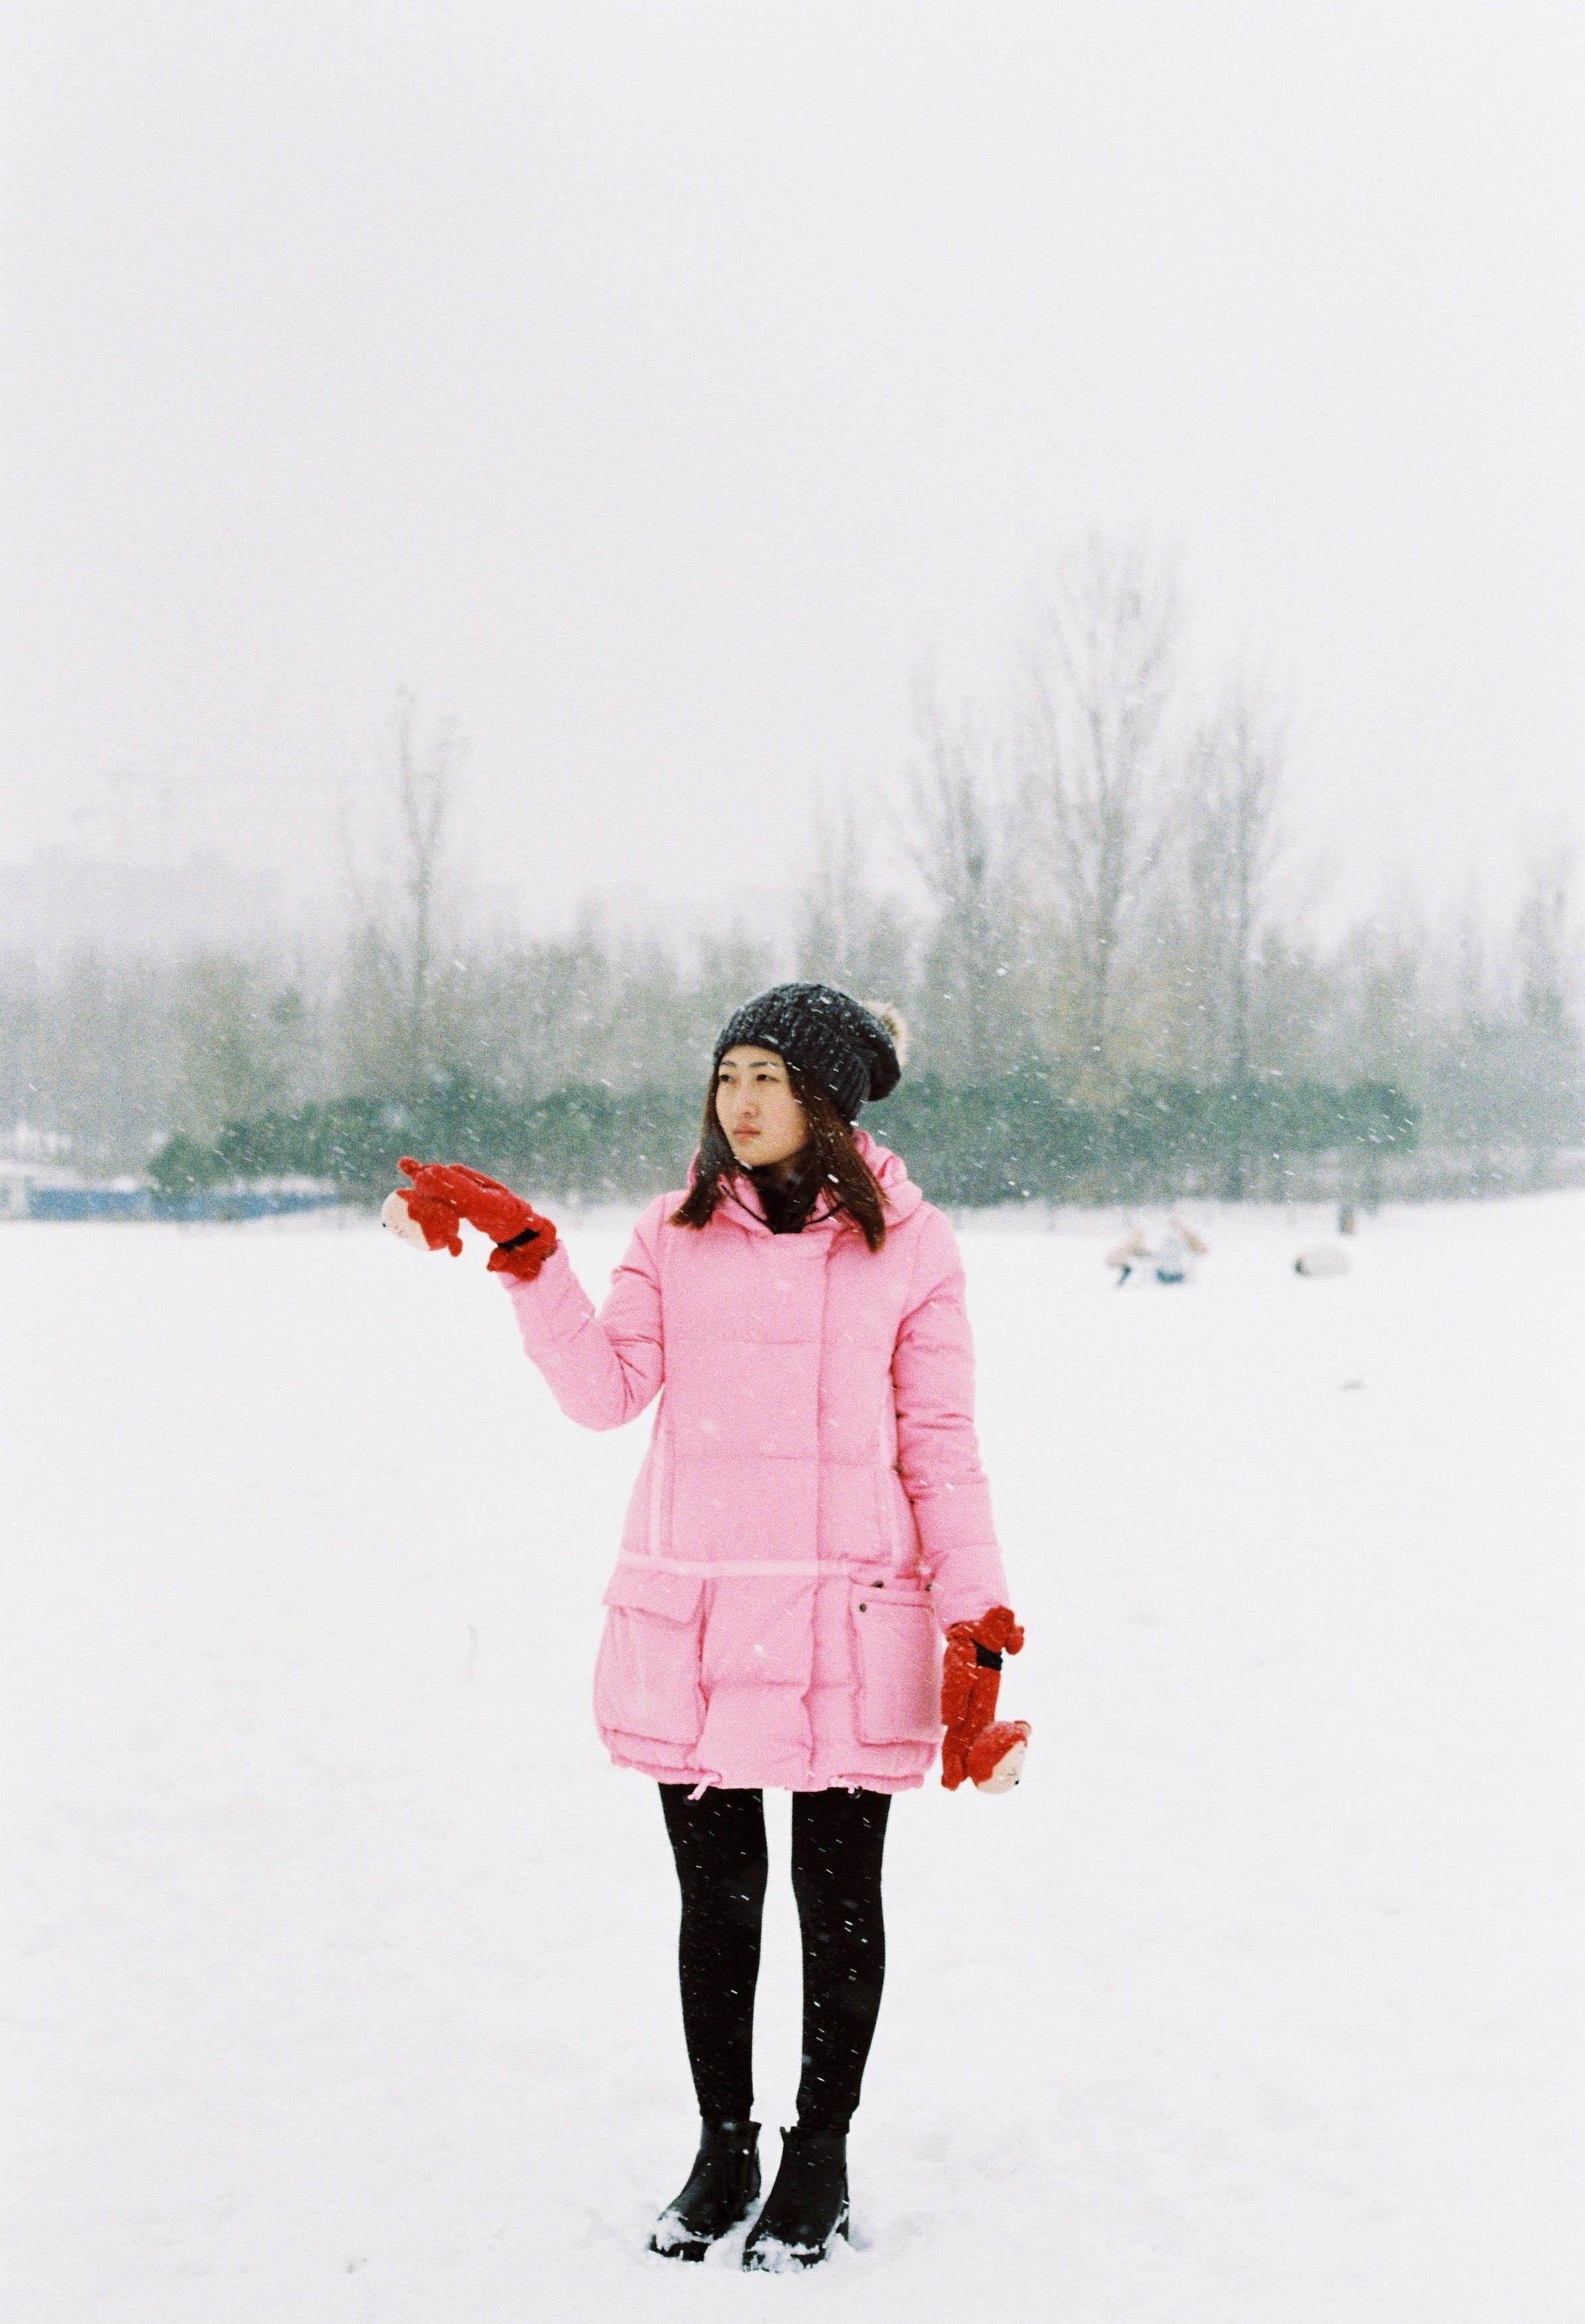 雪中的女票,我的第二卷。-菲林中文-独立胶片摄影门户!